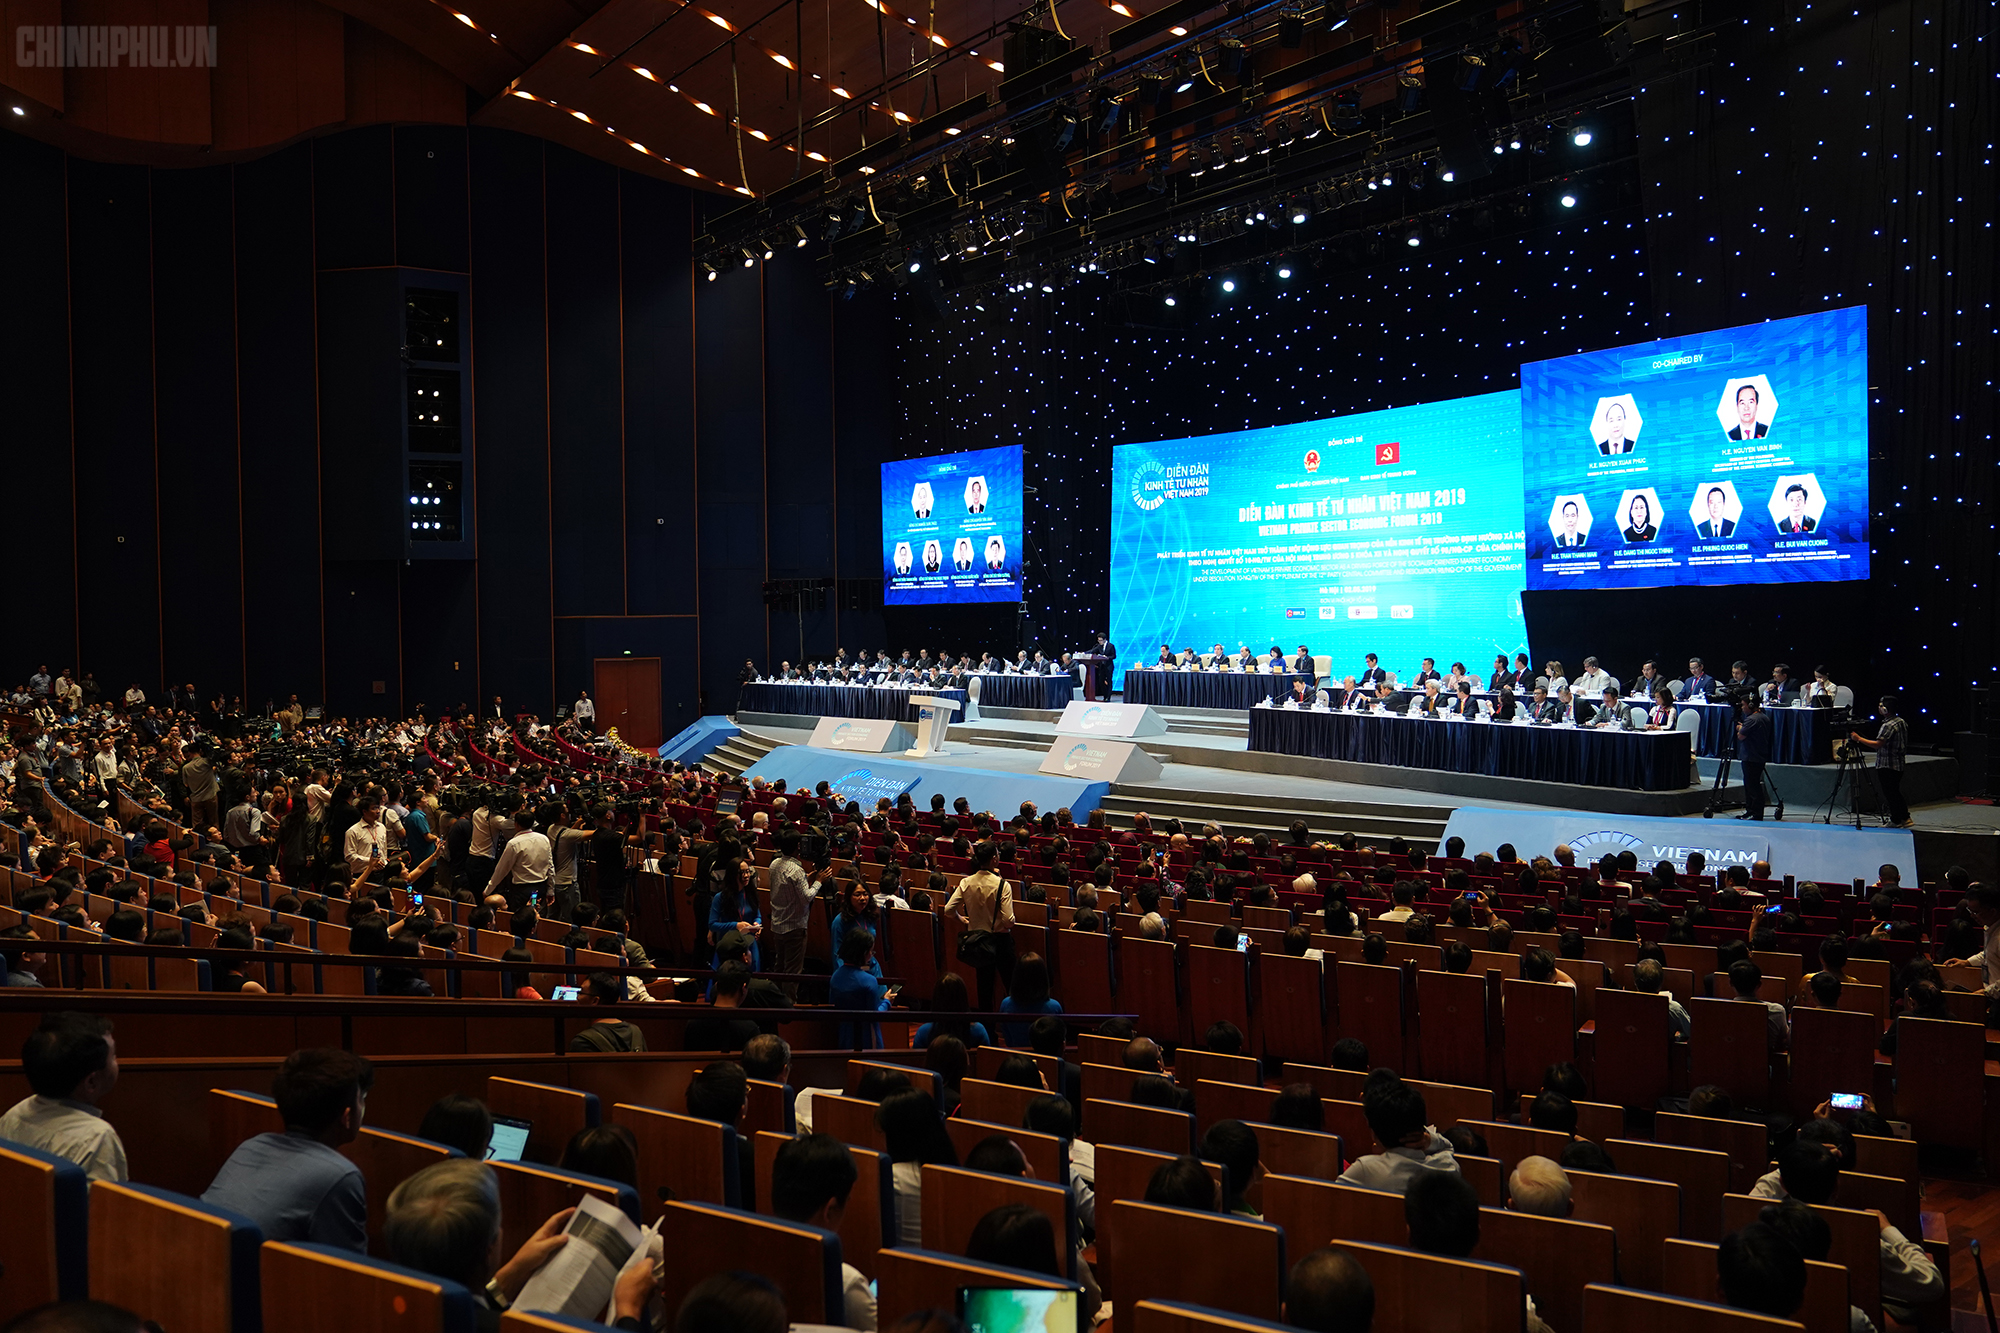 Toàn cảnh diễn đàn kinh tế tư nhân 2019 Ảnh: VGP/Quang Hiếu